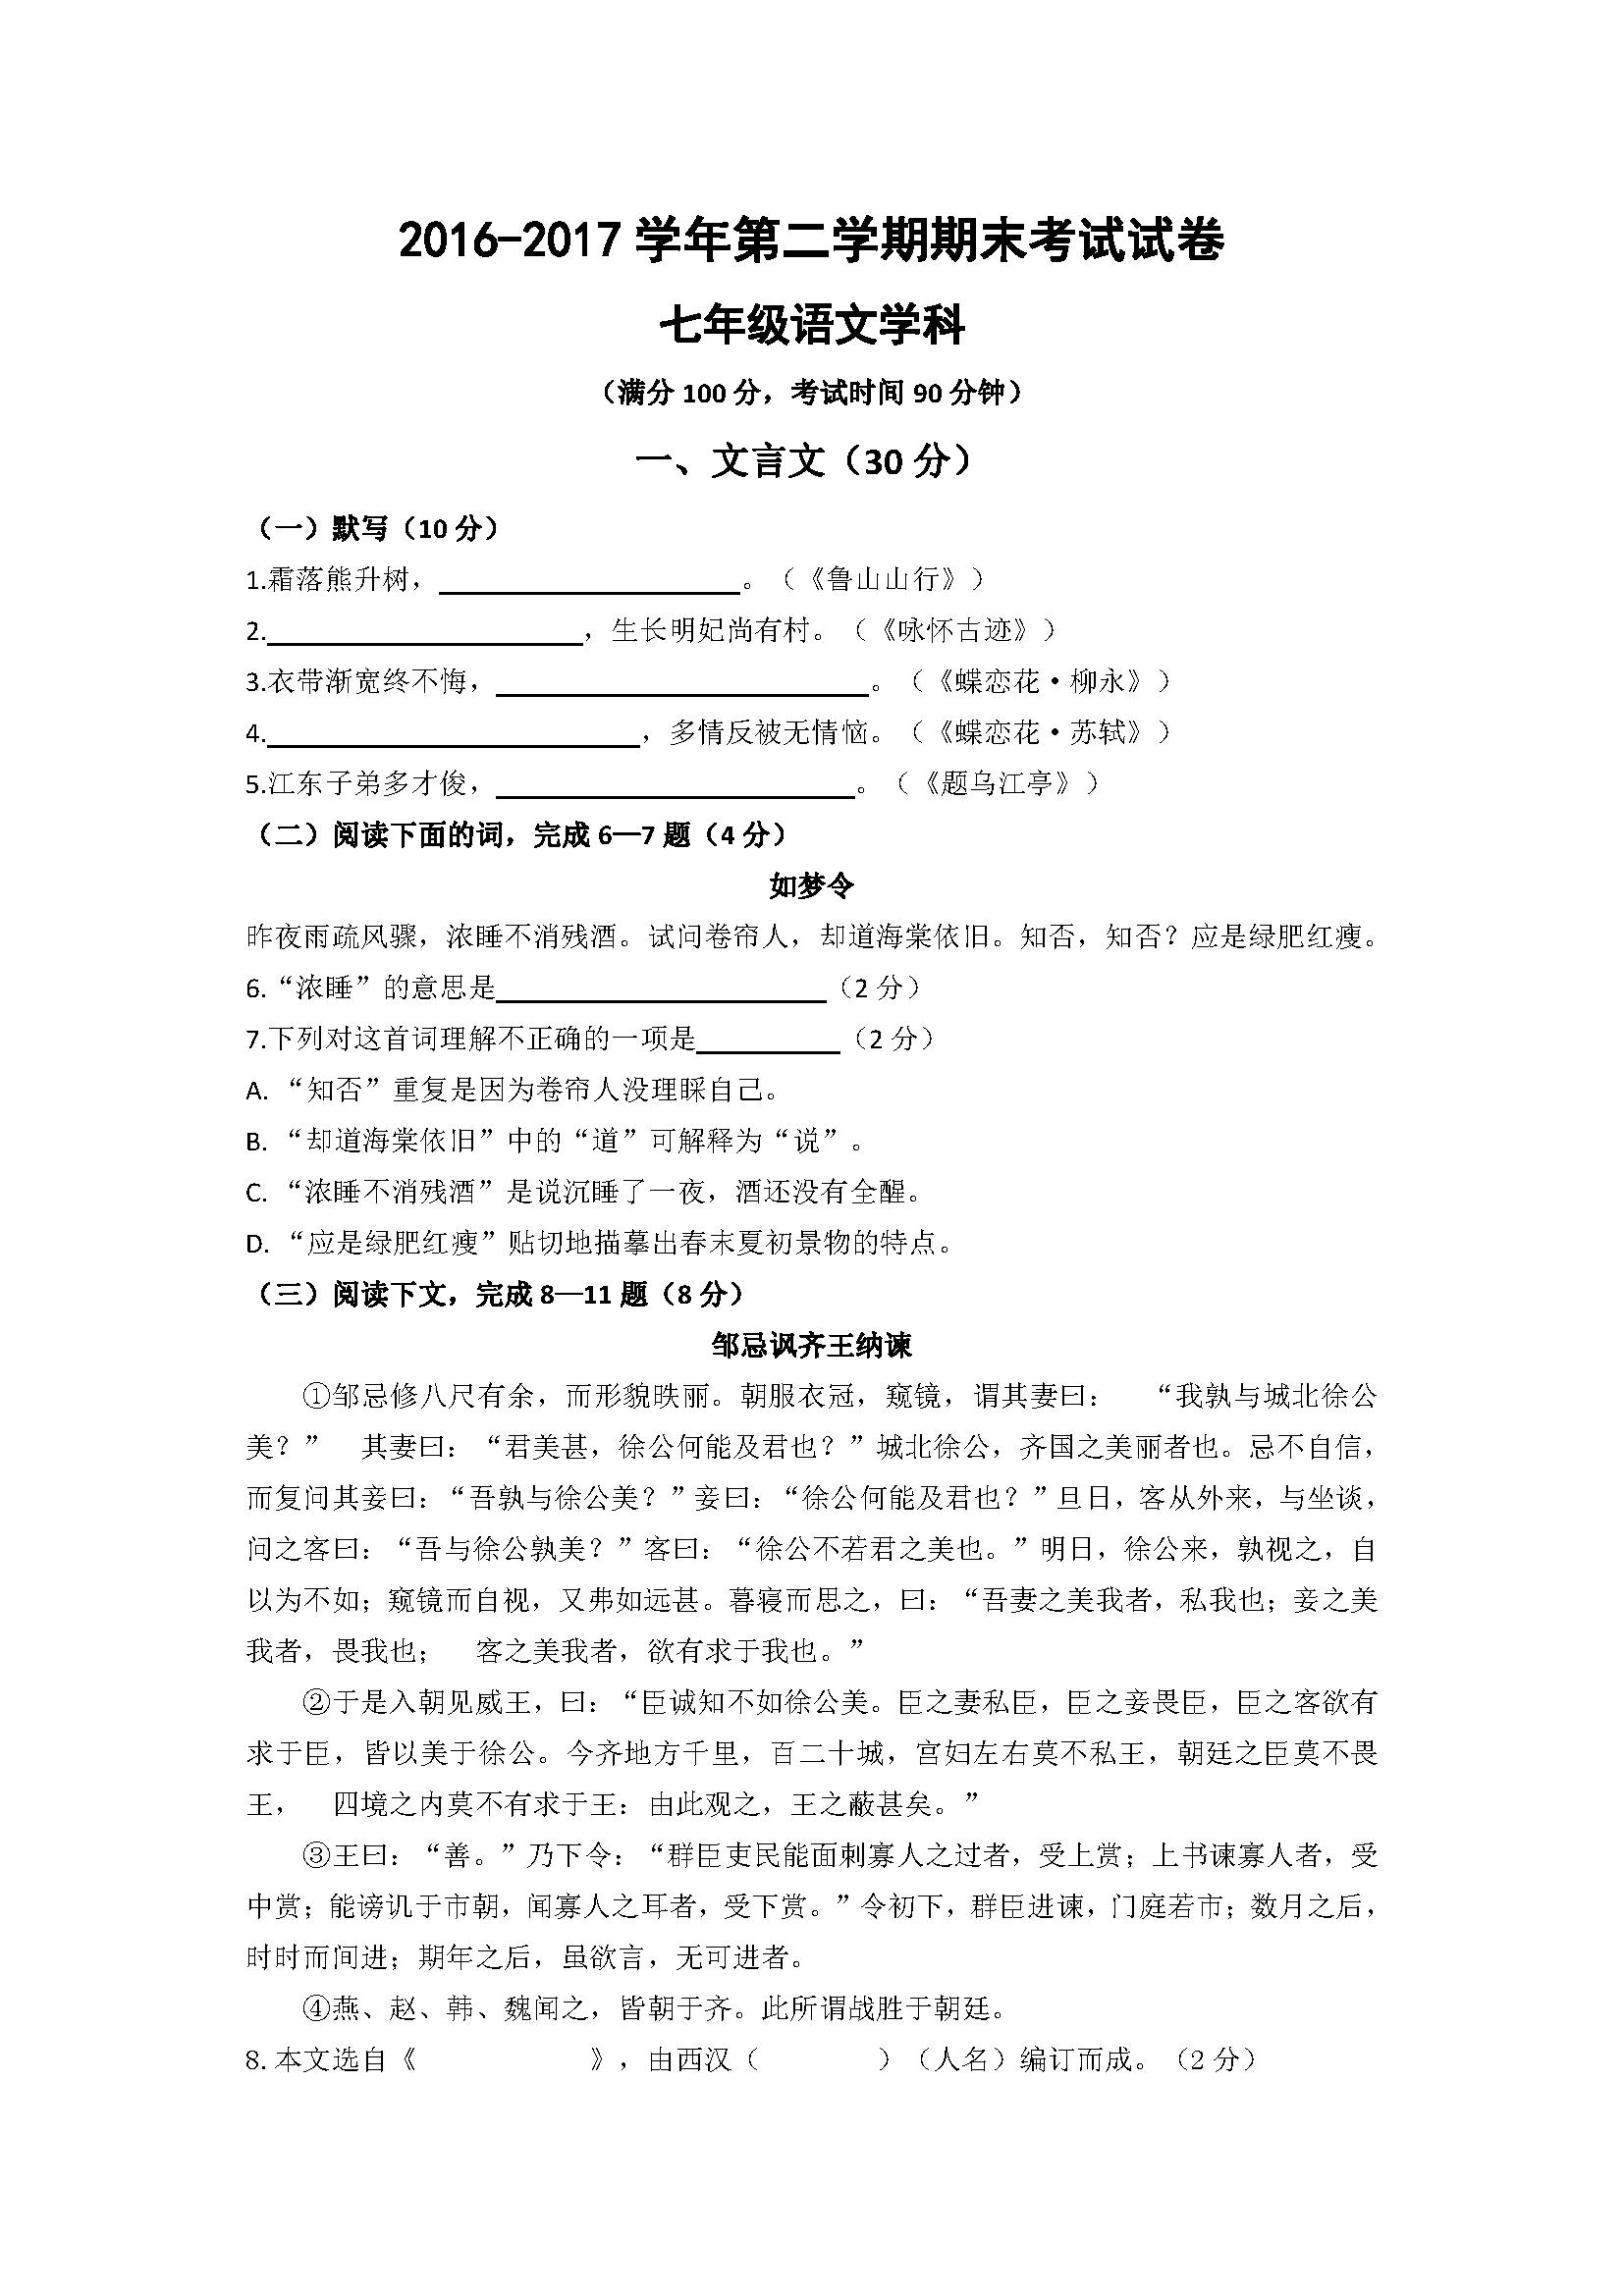 上海黄浦2016-2017学年七年级下学期期末语文试题(图片版)